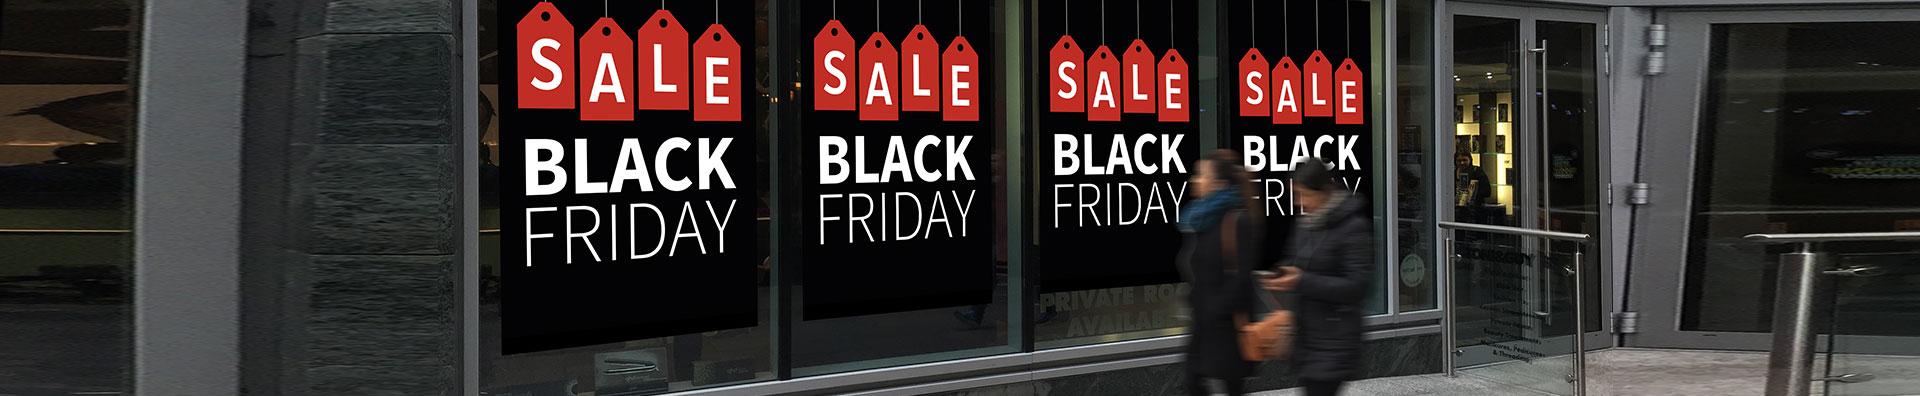 black friday sale posters en raambiljetten